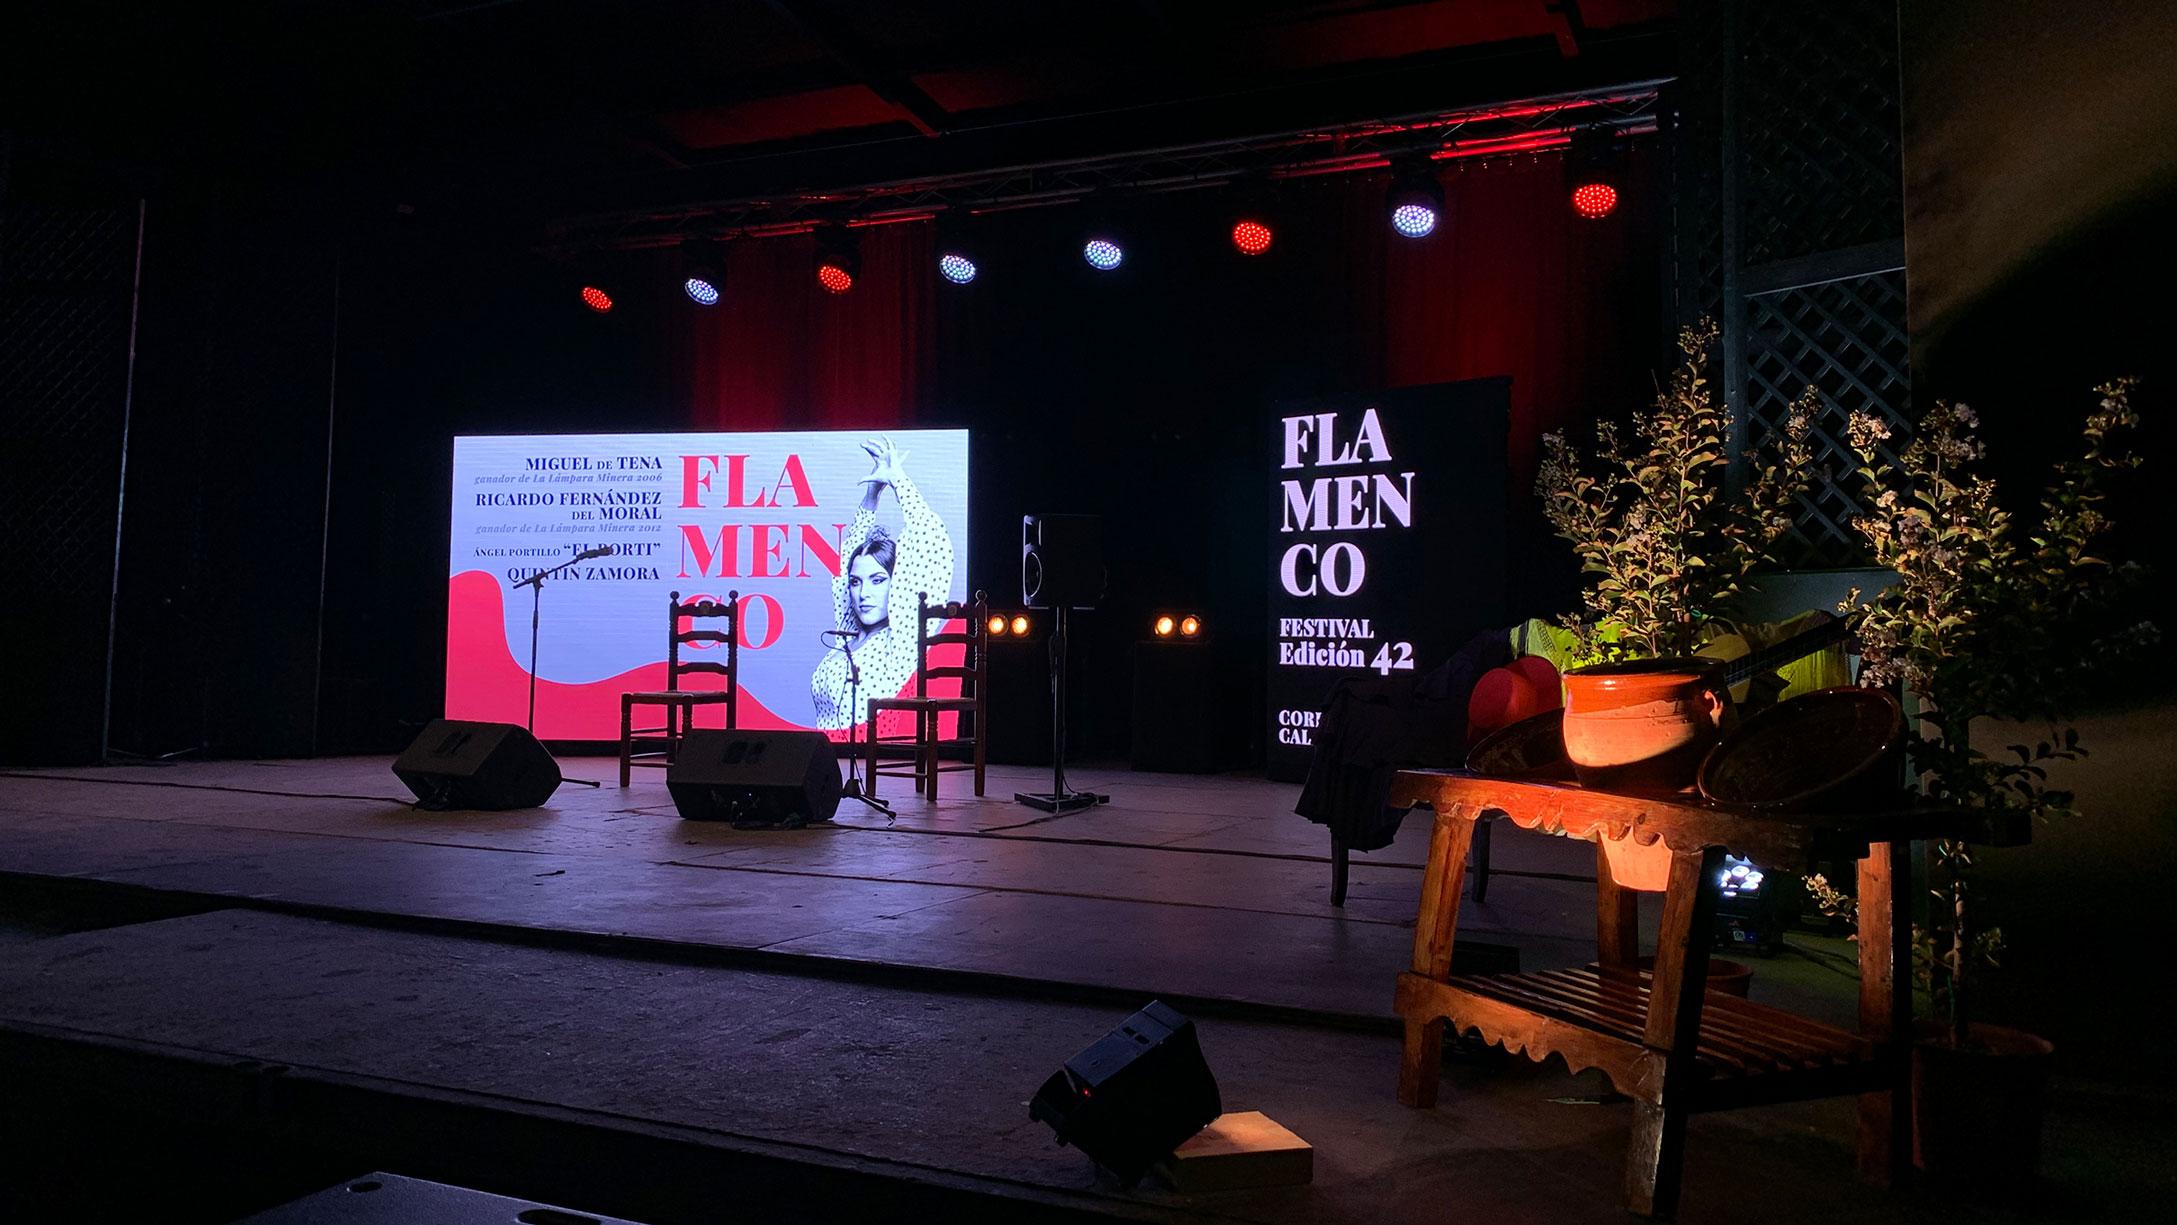 Festival_Flamenco_Corral_cva_2021_09